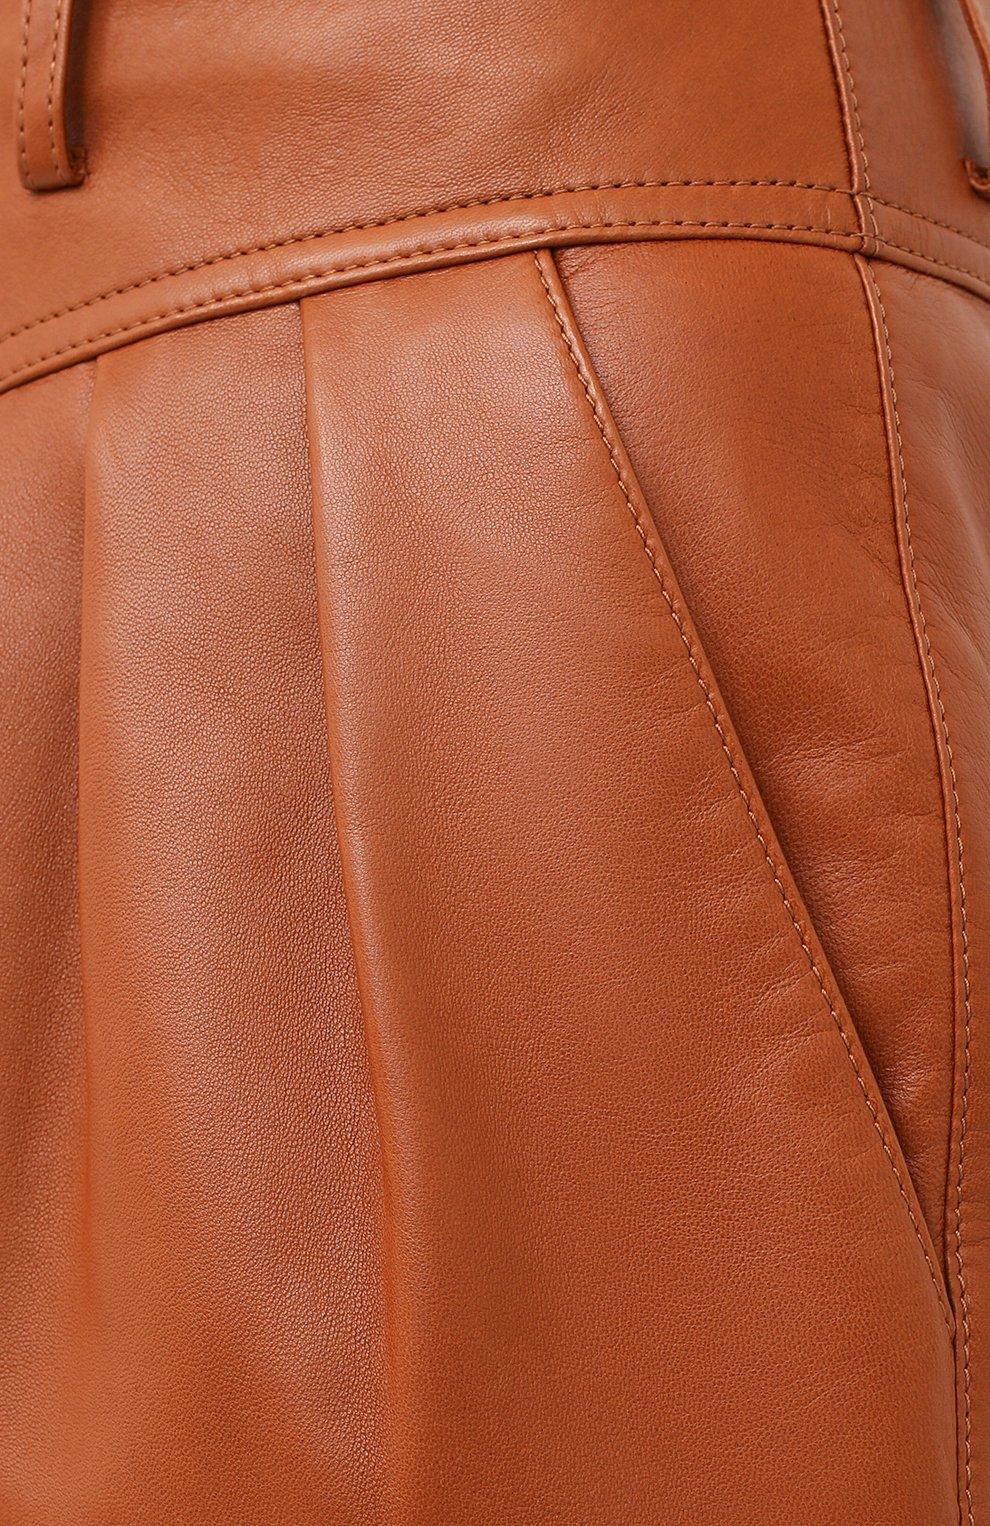 Женские кожаные шорты SAINT LAURENT коричневого цвета, арт. 630199/Y50A2   Фото 5 (Женское Кросс-КТ: Шорты-одежда; Длина Ж (юбки, платья, шорты): Мини; Материал подклада: Купро)